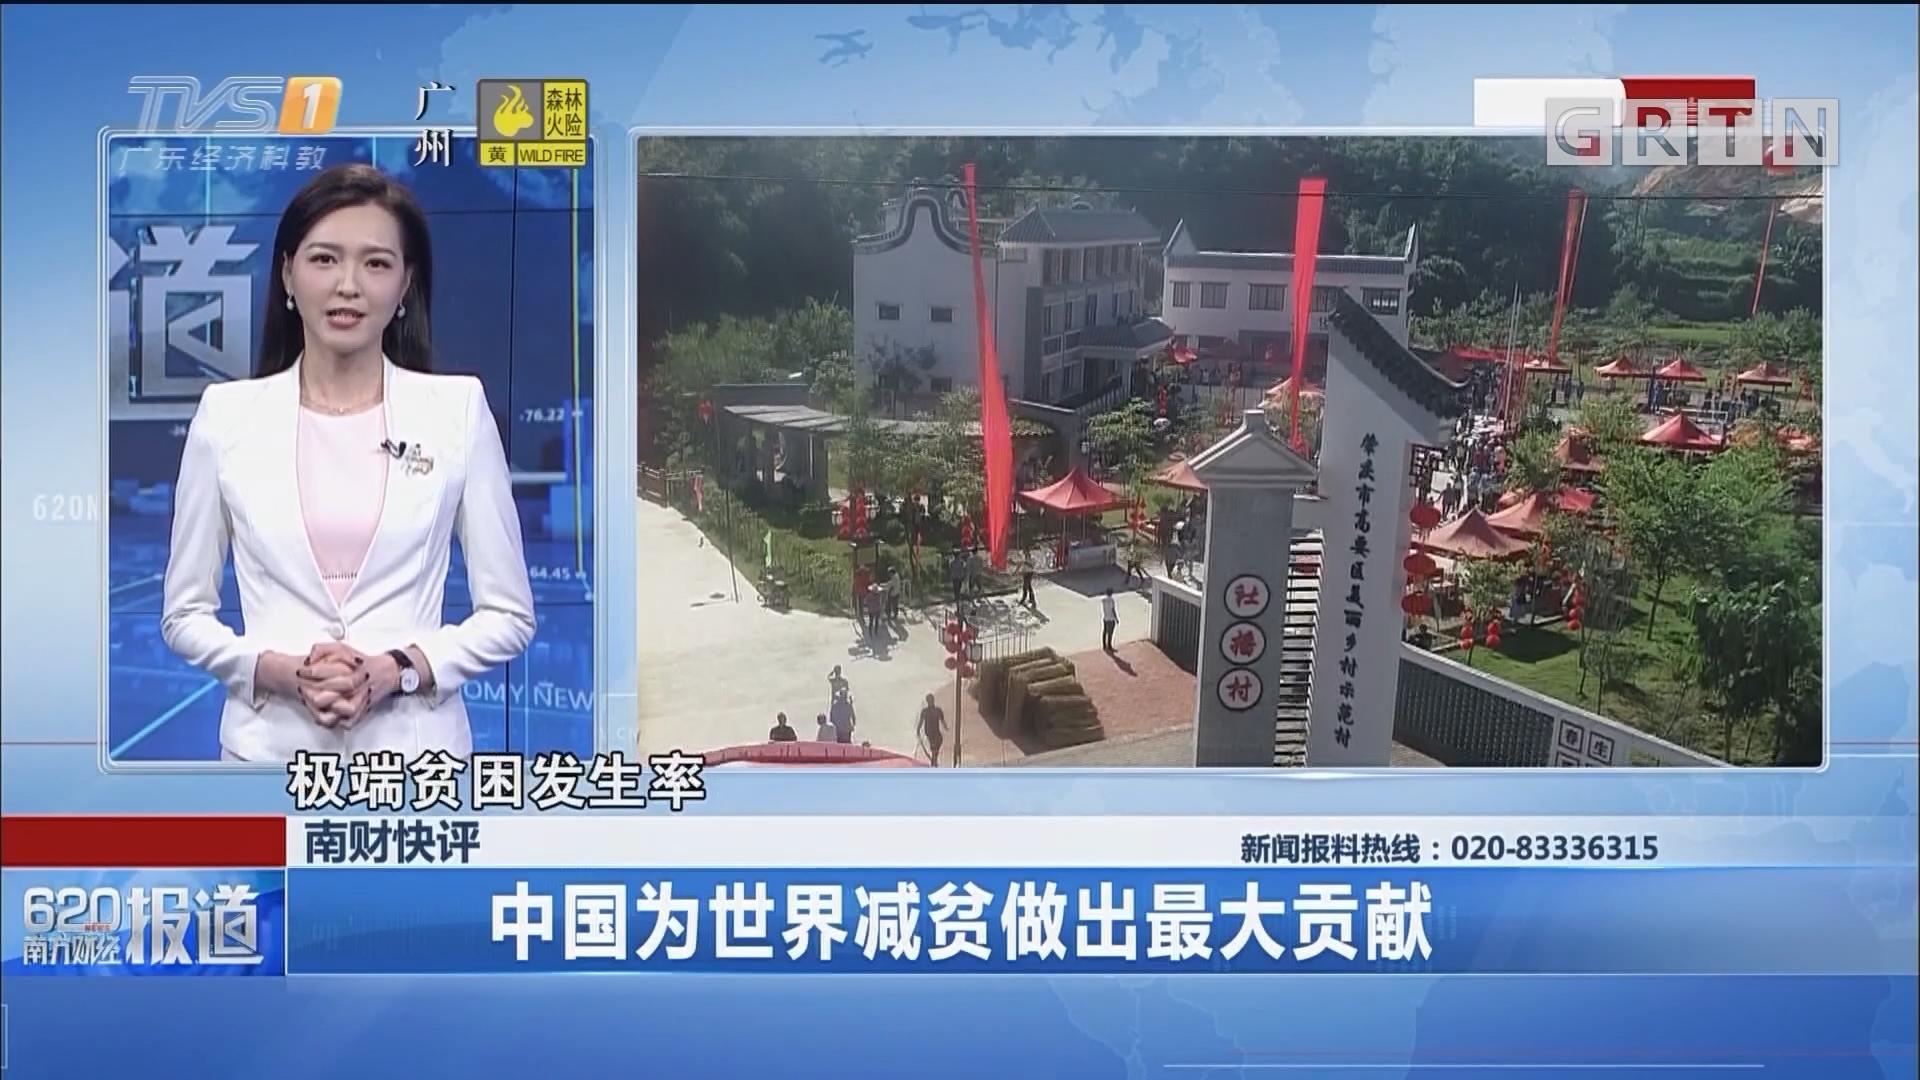 南财快评 中国为世界减贫做出最大贡献